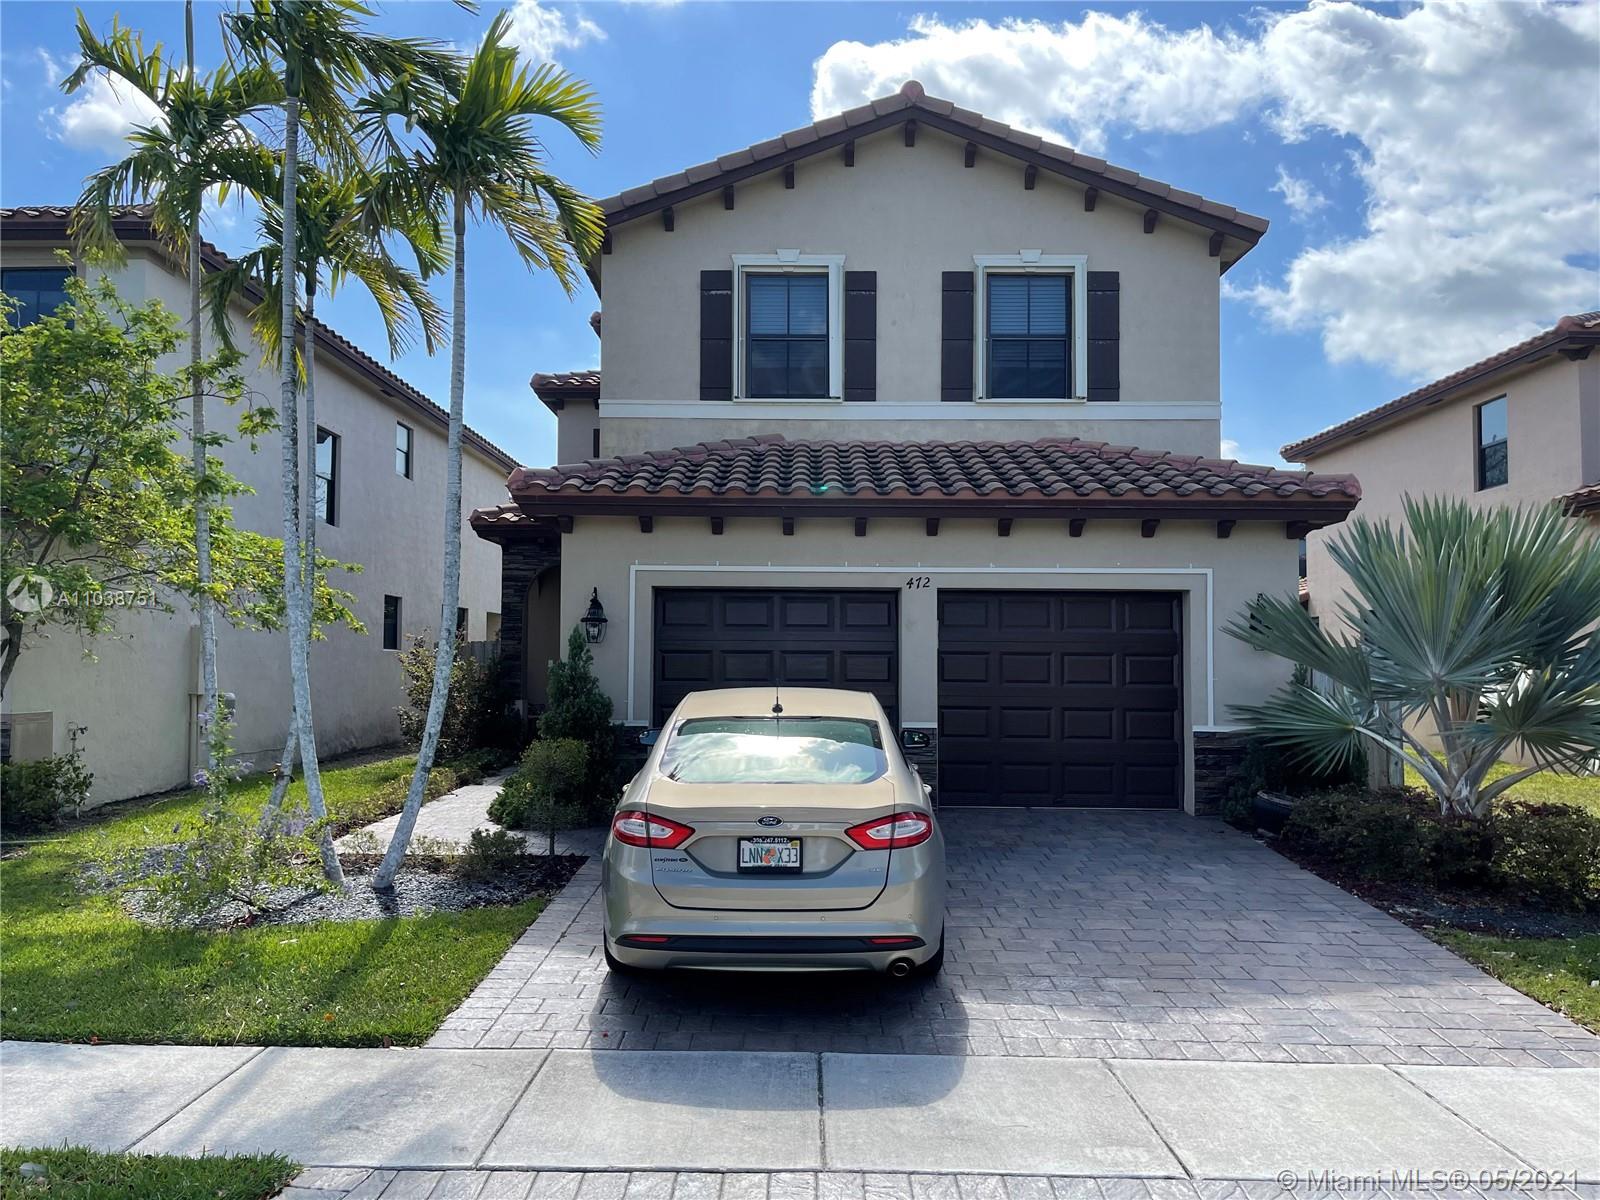 472 Se 35th Ave Property Photo